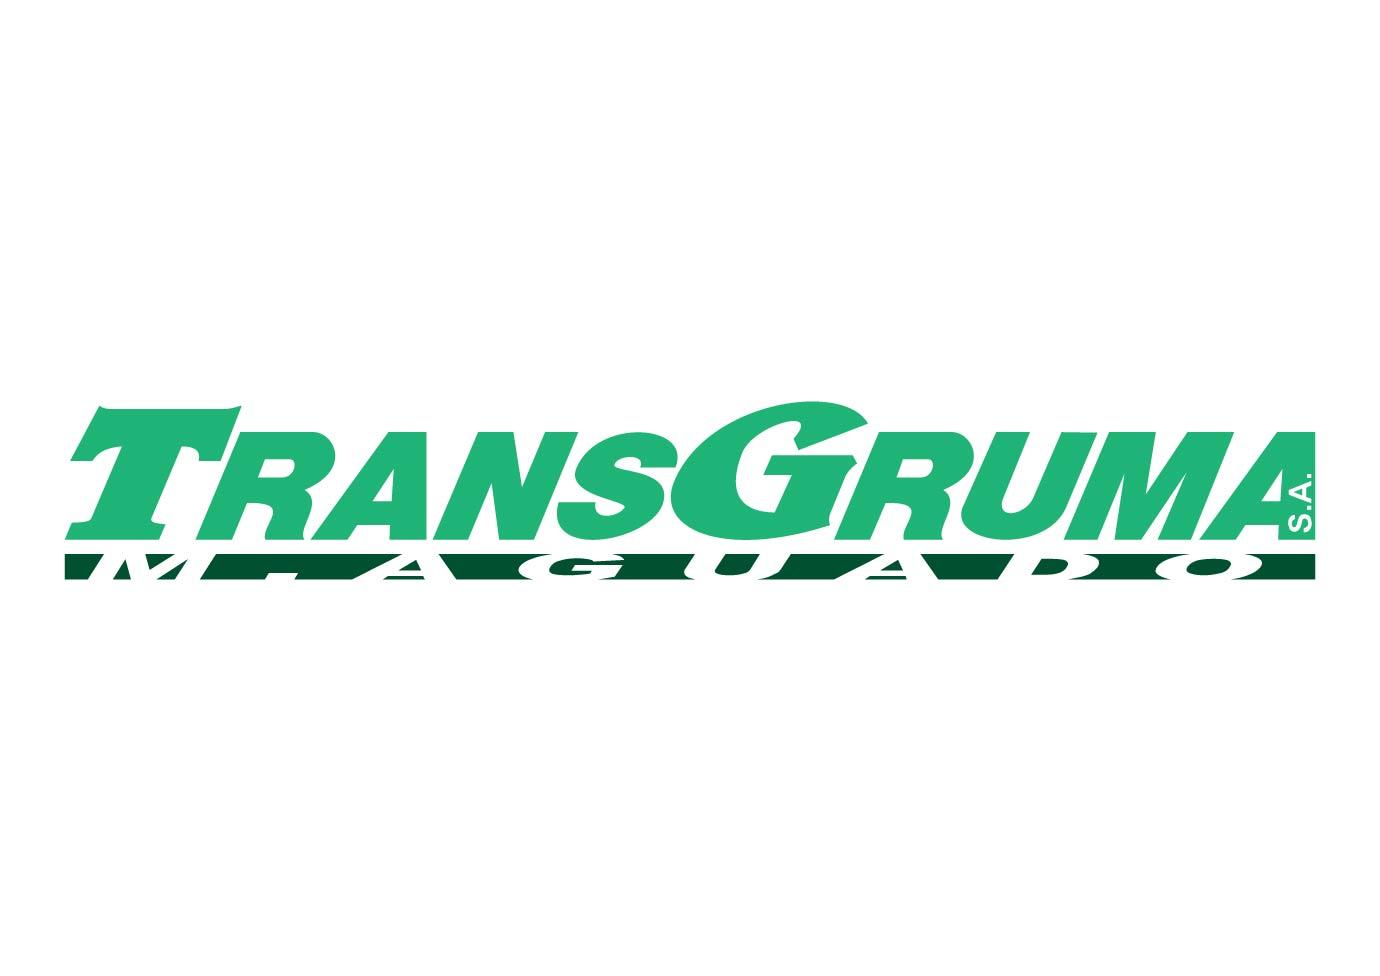 TransGruma